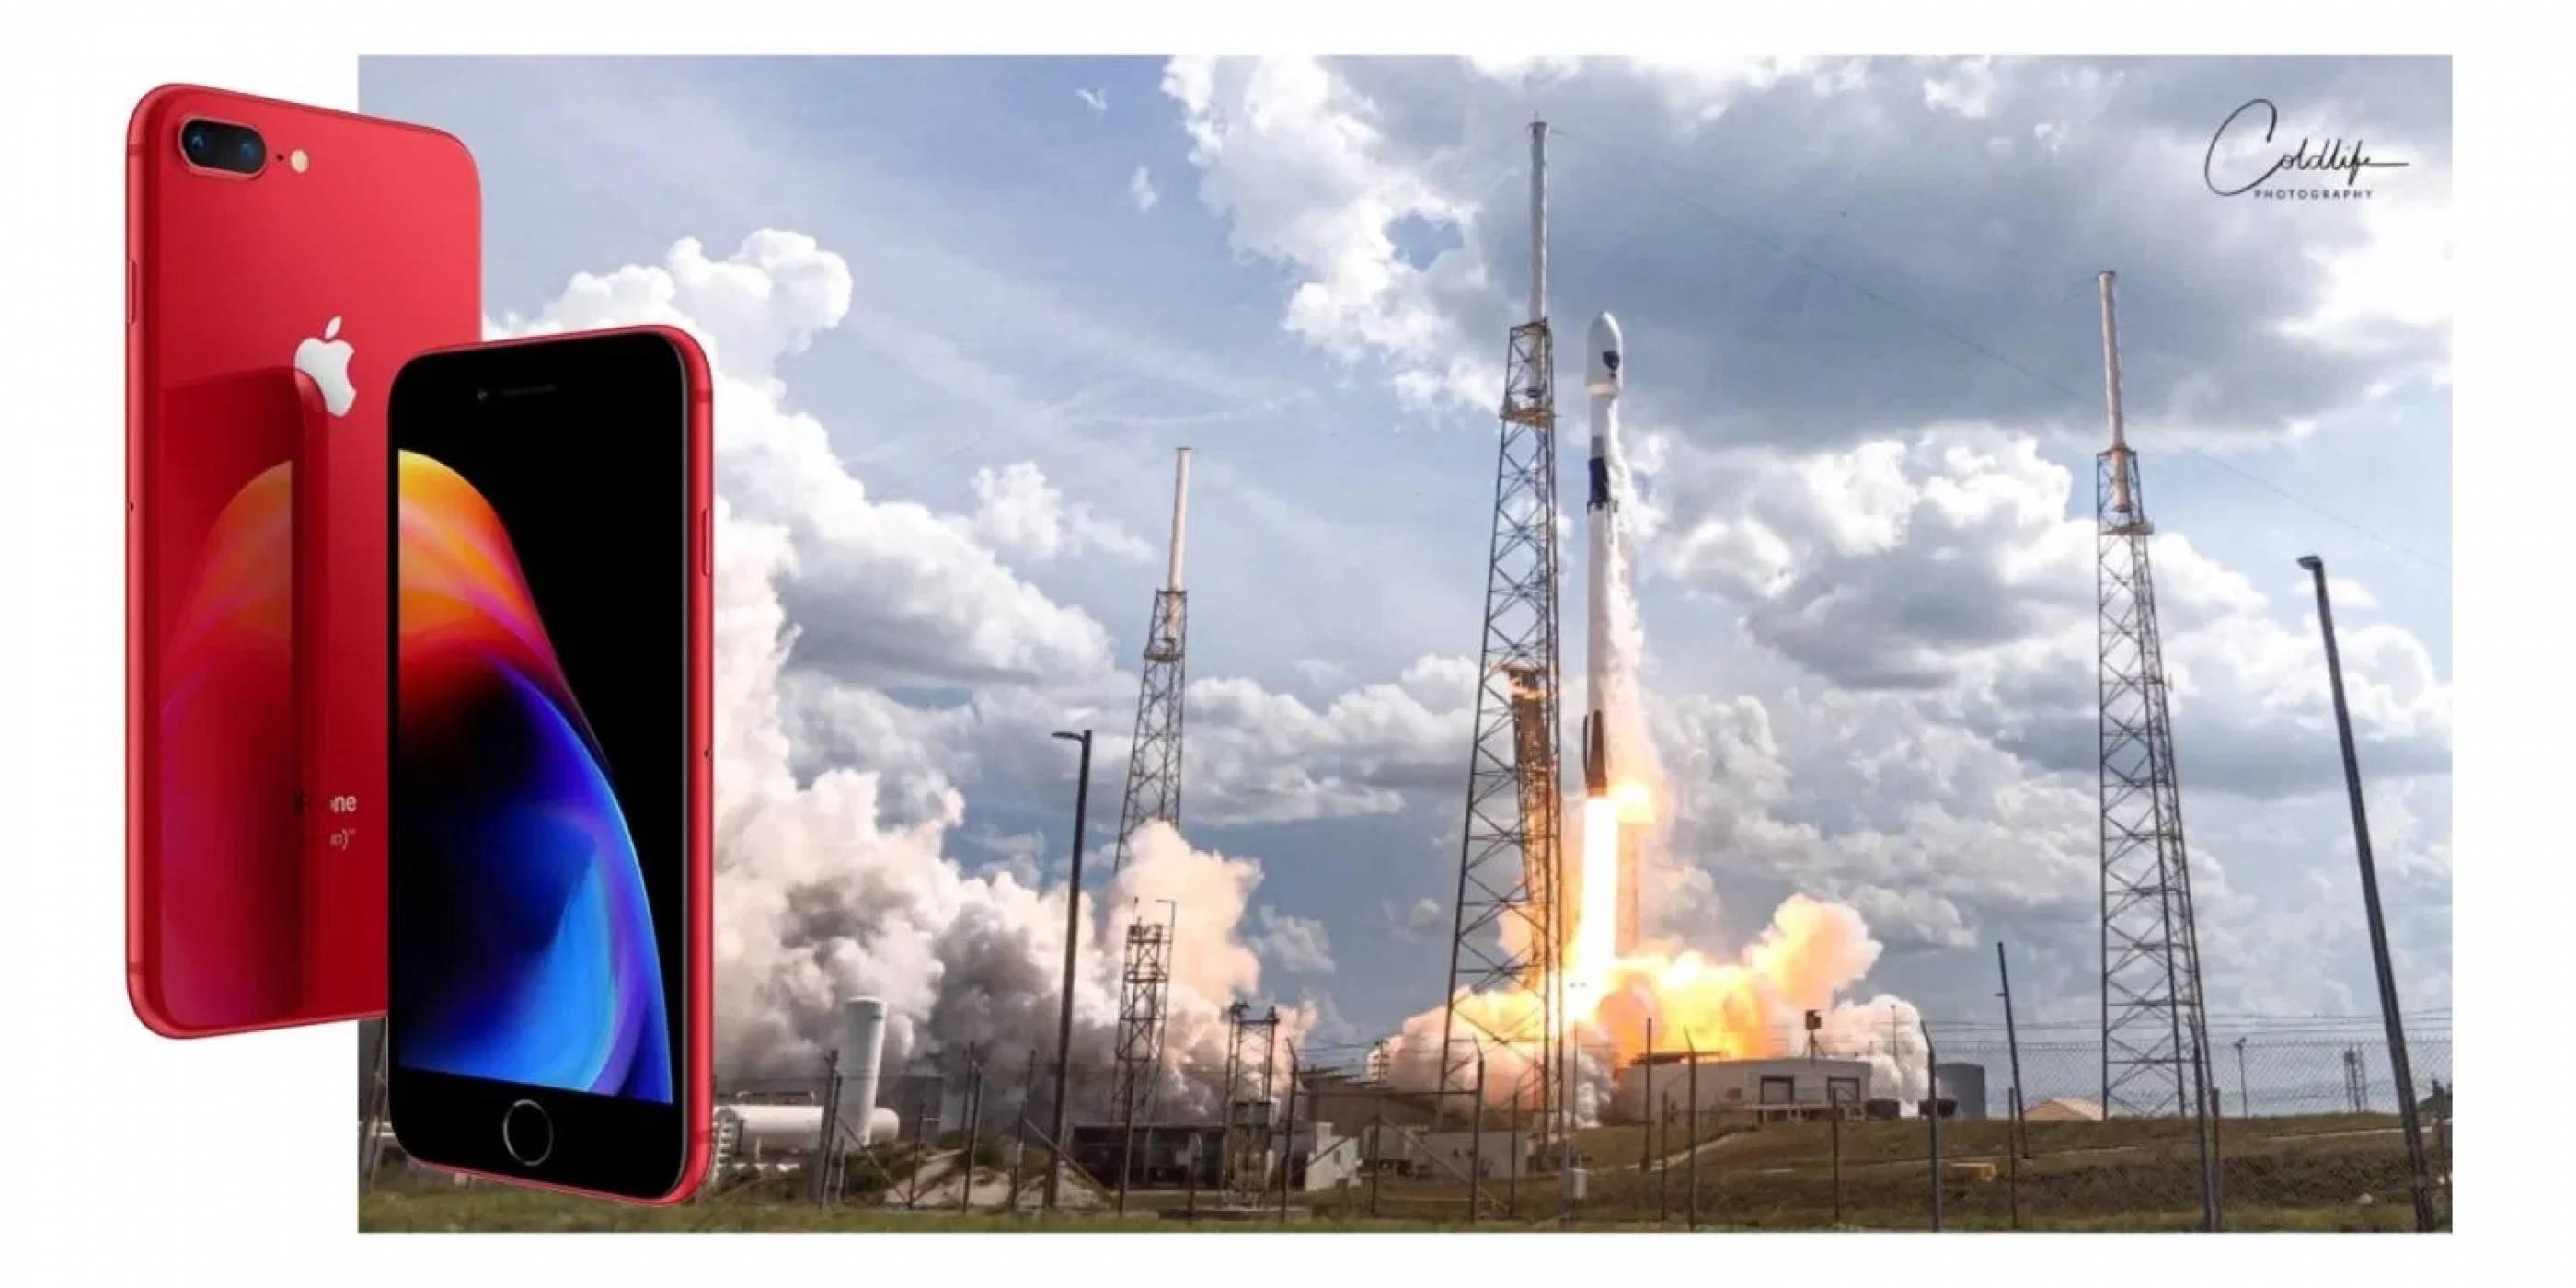 Уникални снимки от излитането на Falcon 9, заснети само с iPhone 8 Plus